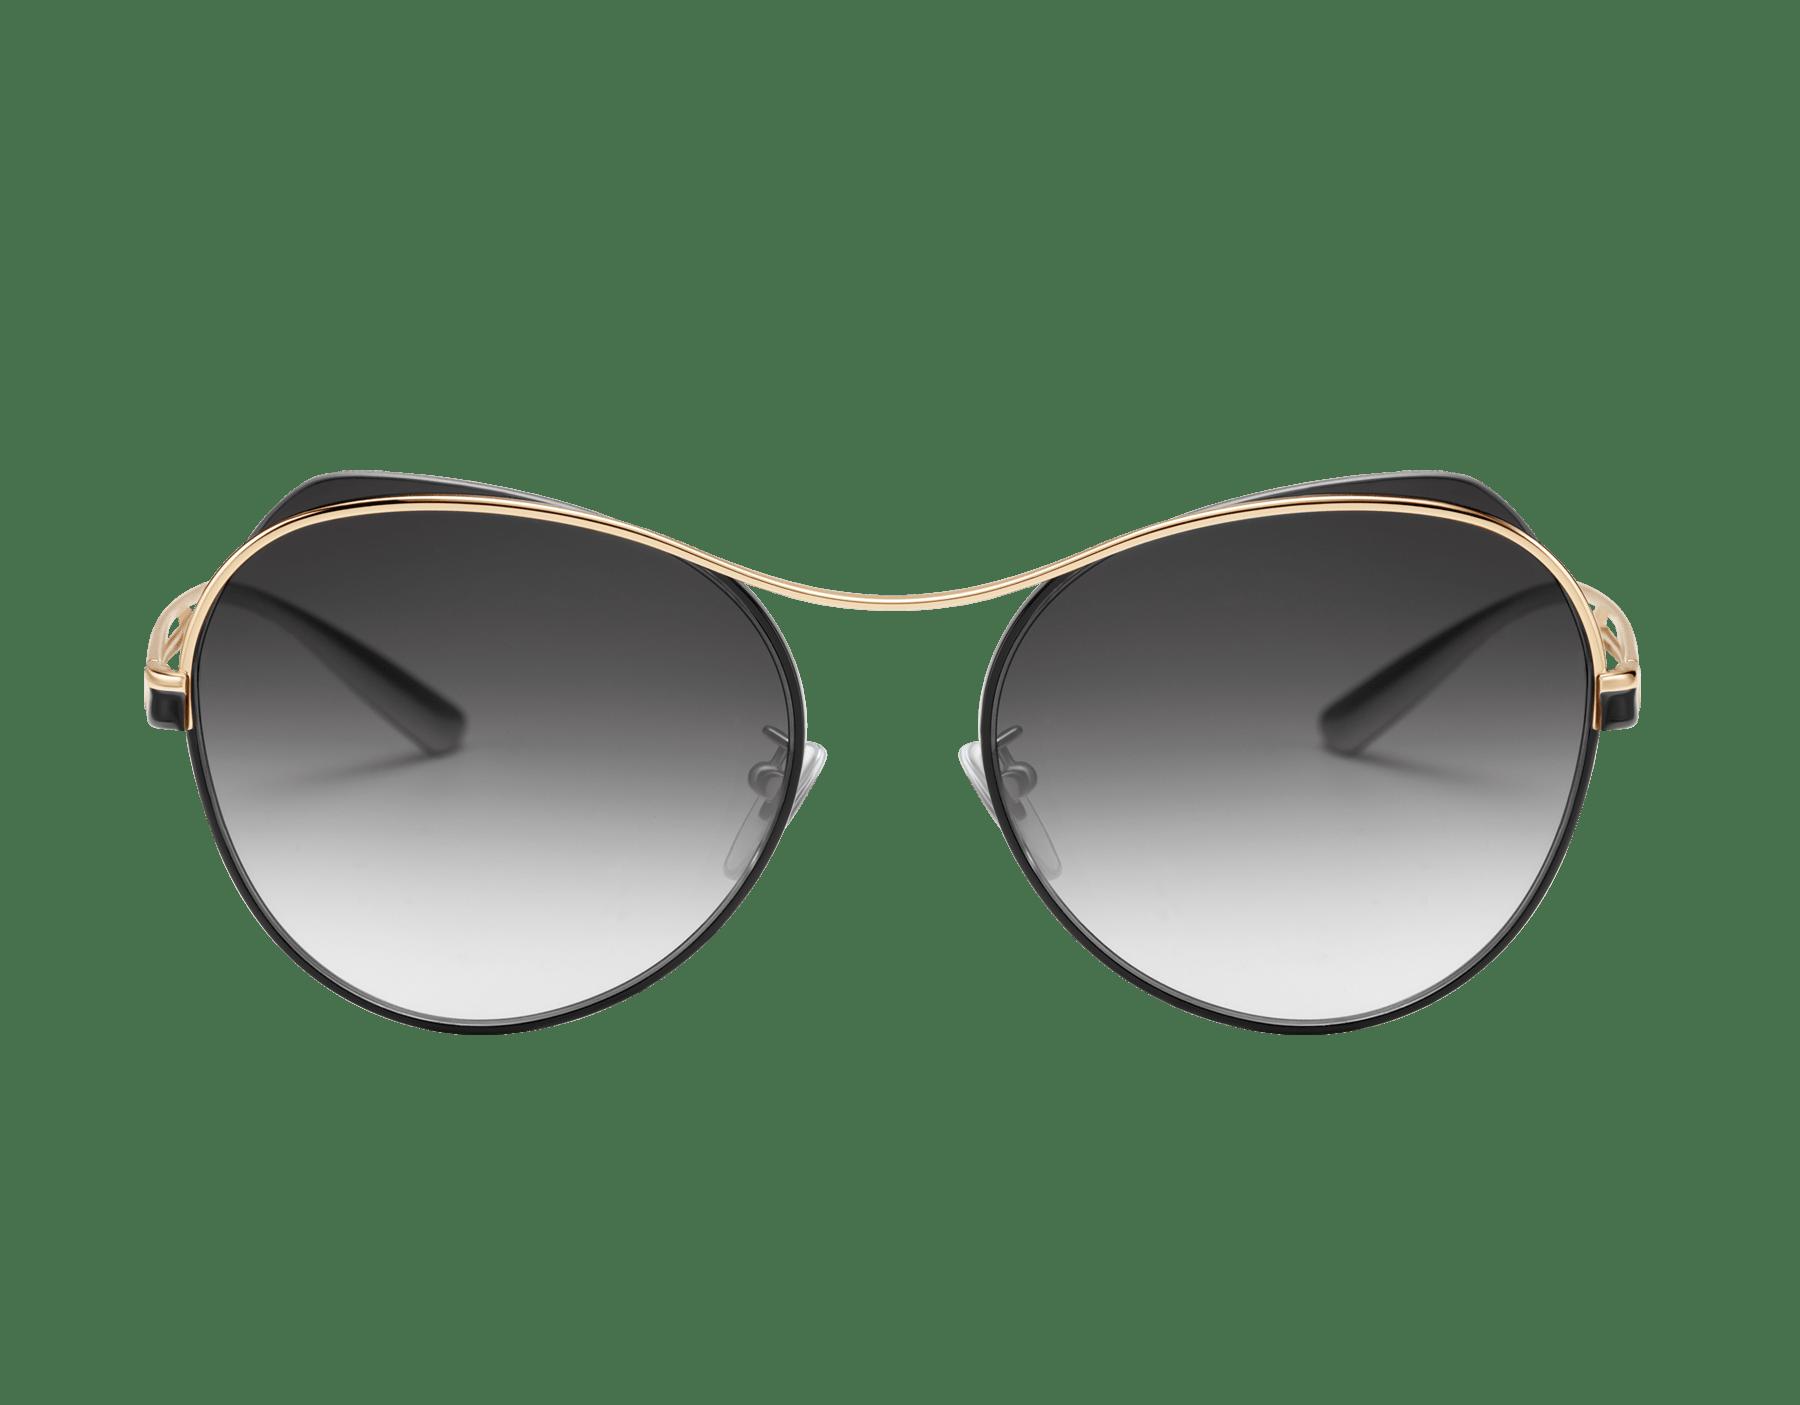 Bulgari B.zero1 B.super occhiali da sole pilot in metallo dalla forma arrotondata. 903723 image 2